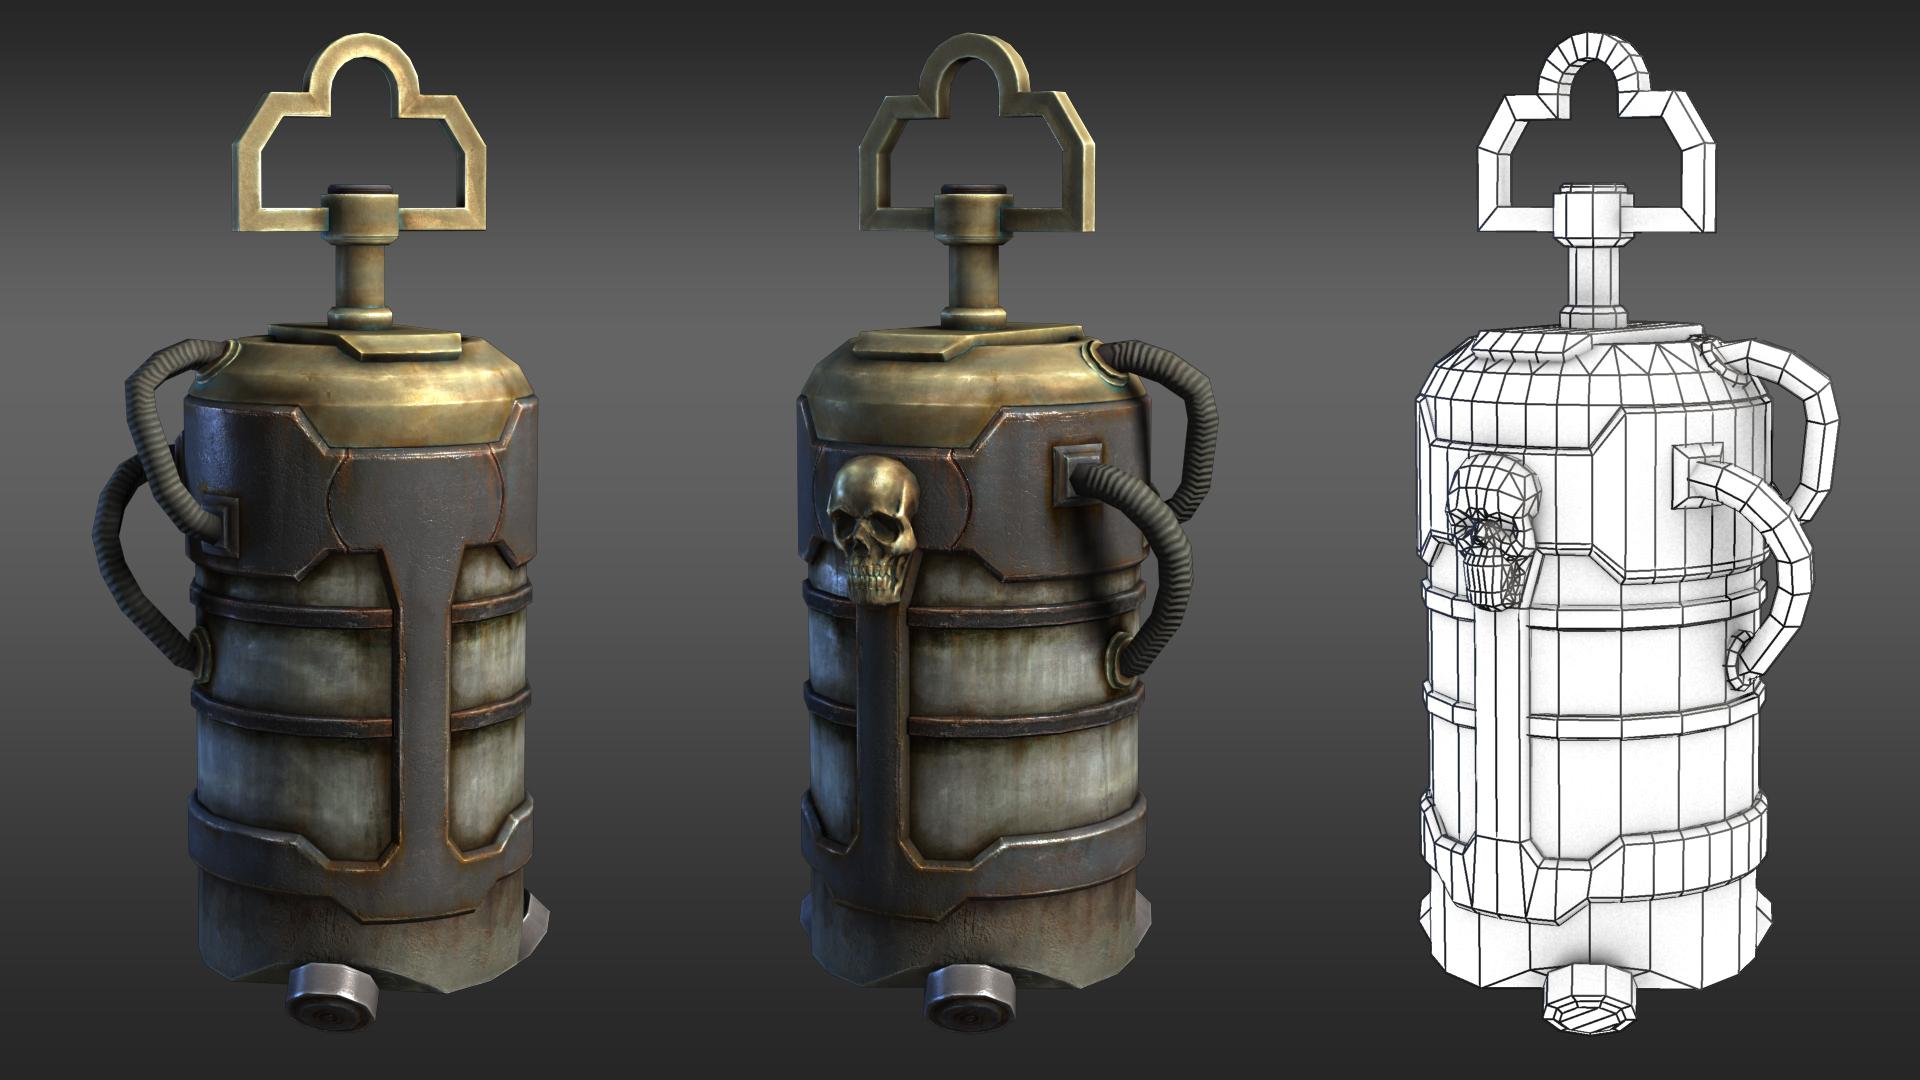 次时代油桶道具